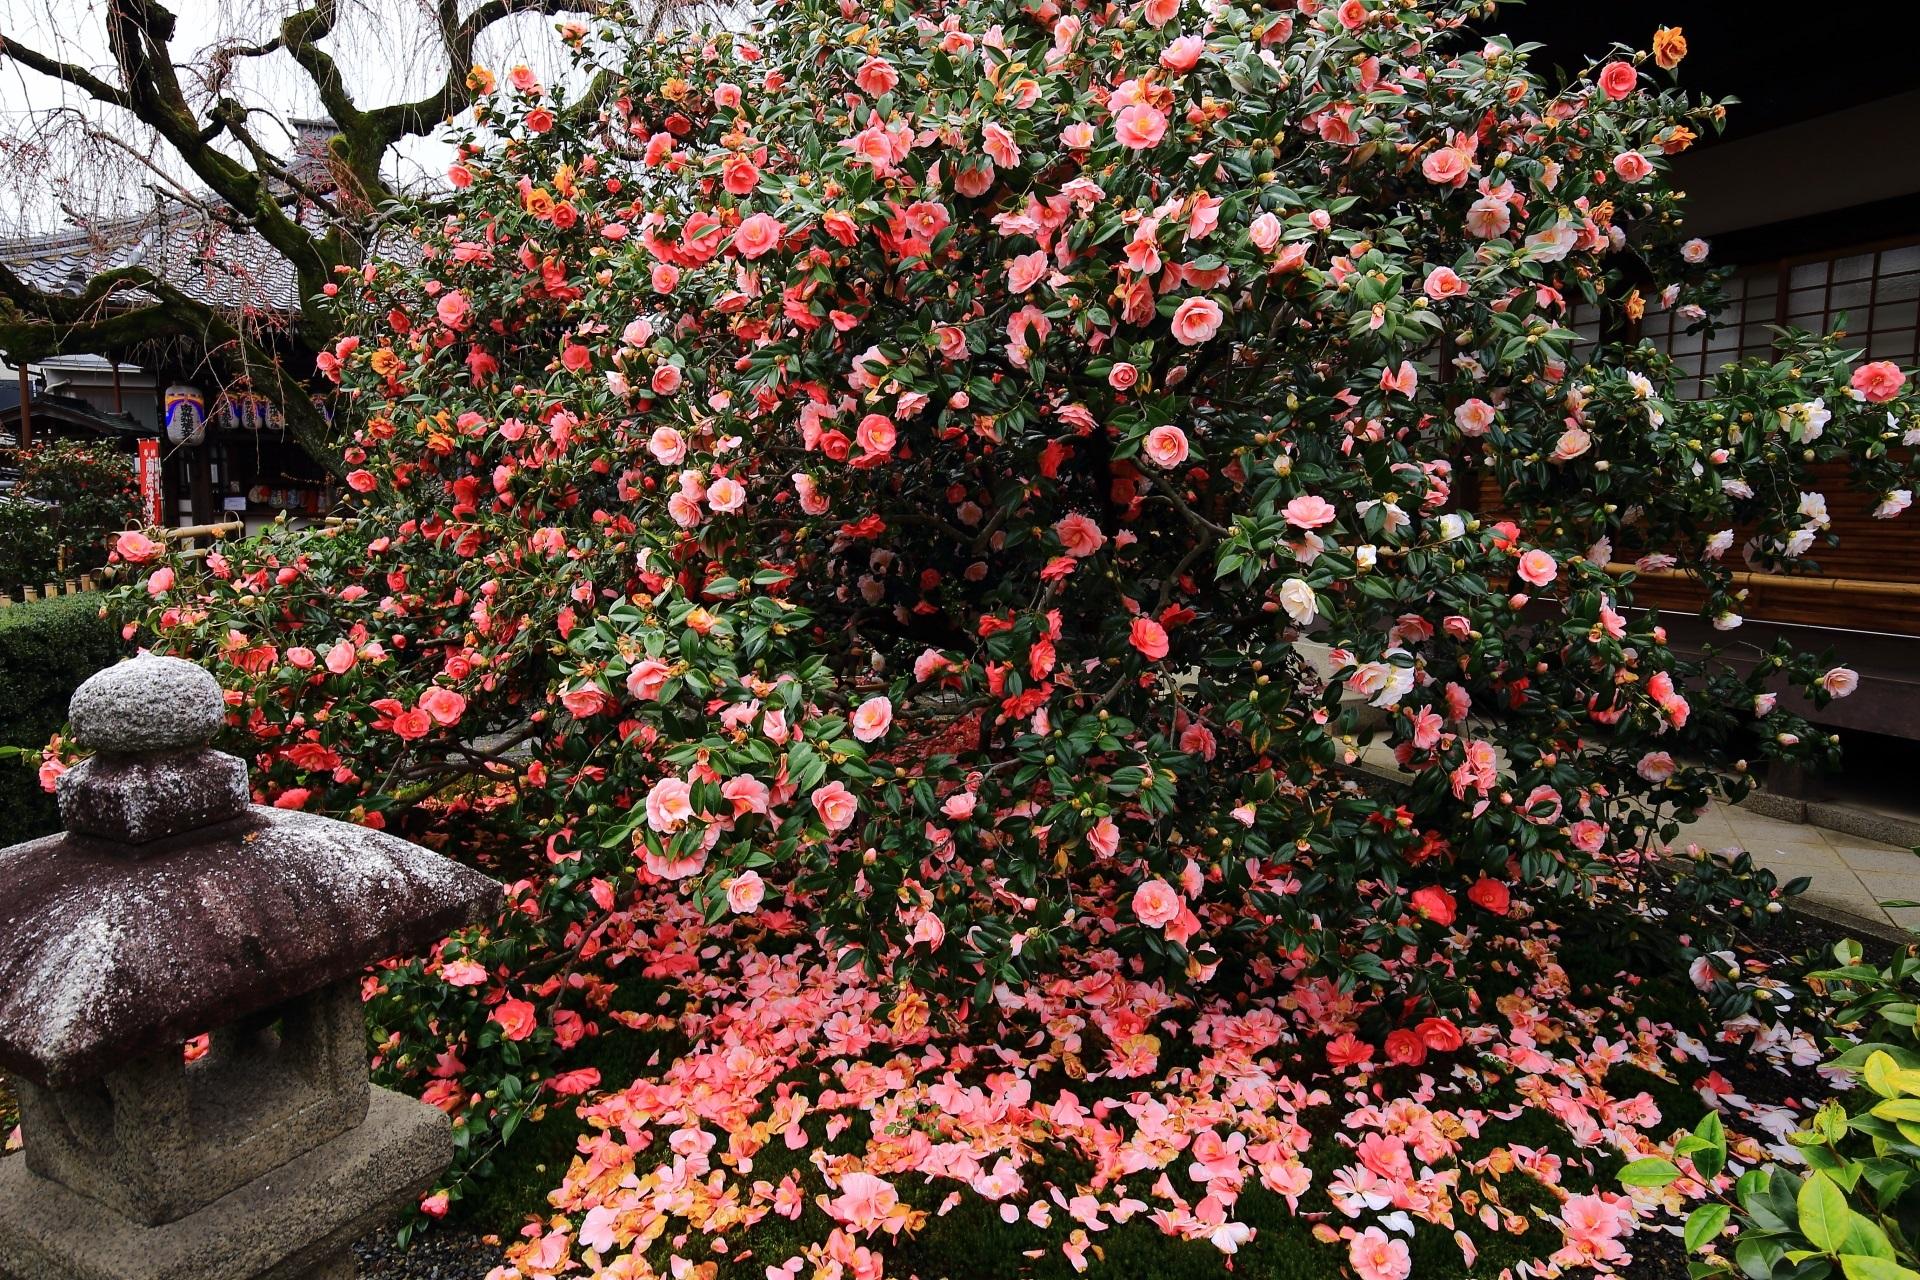 椿寺 地蔵院の椿 色とりどりの鮮やかな五色八重散椿